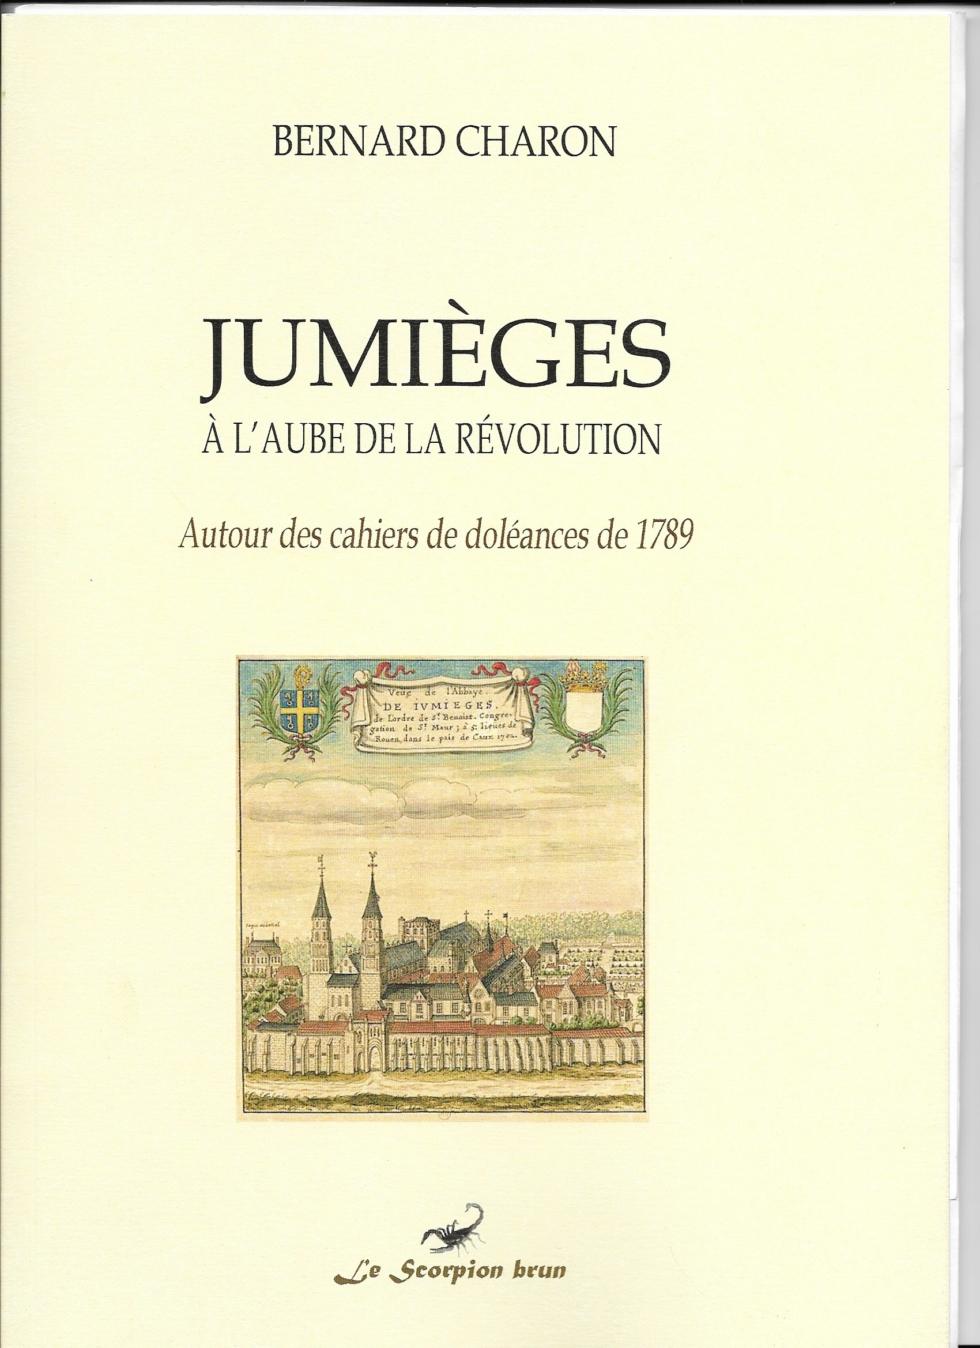 JUMIÈGES À L'AUBE DE LA RÉVOLUTION [1]  Autour des cahiers de doléances de 1789